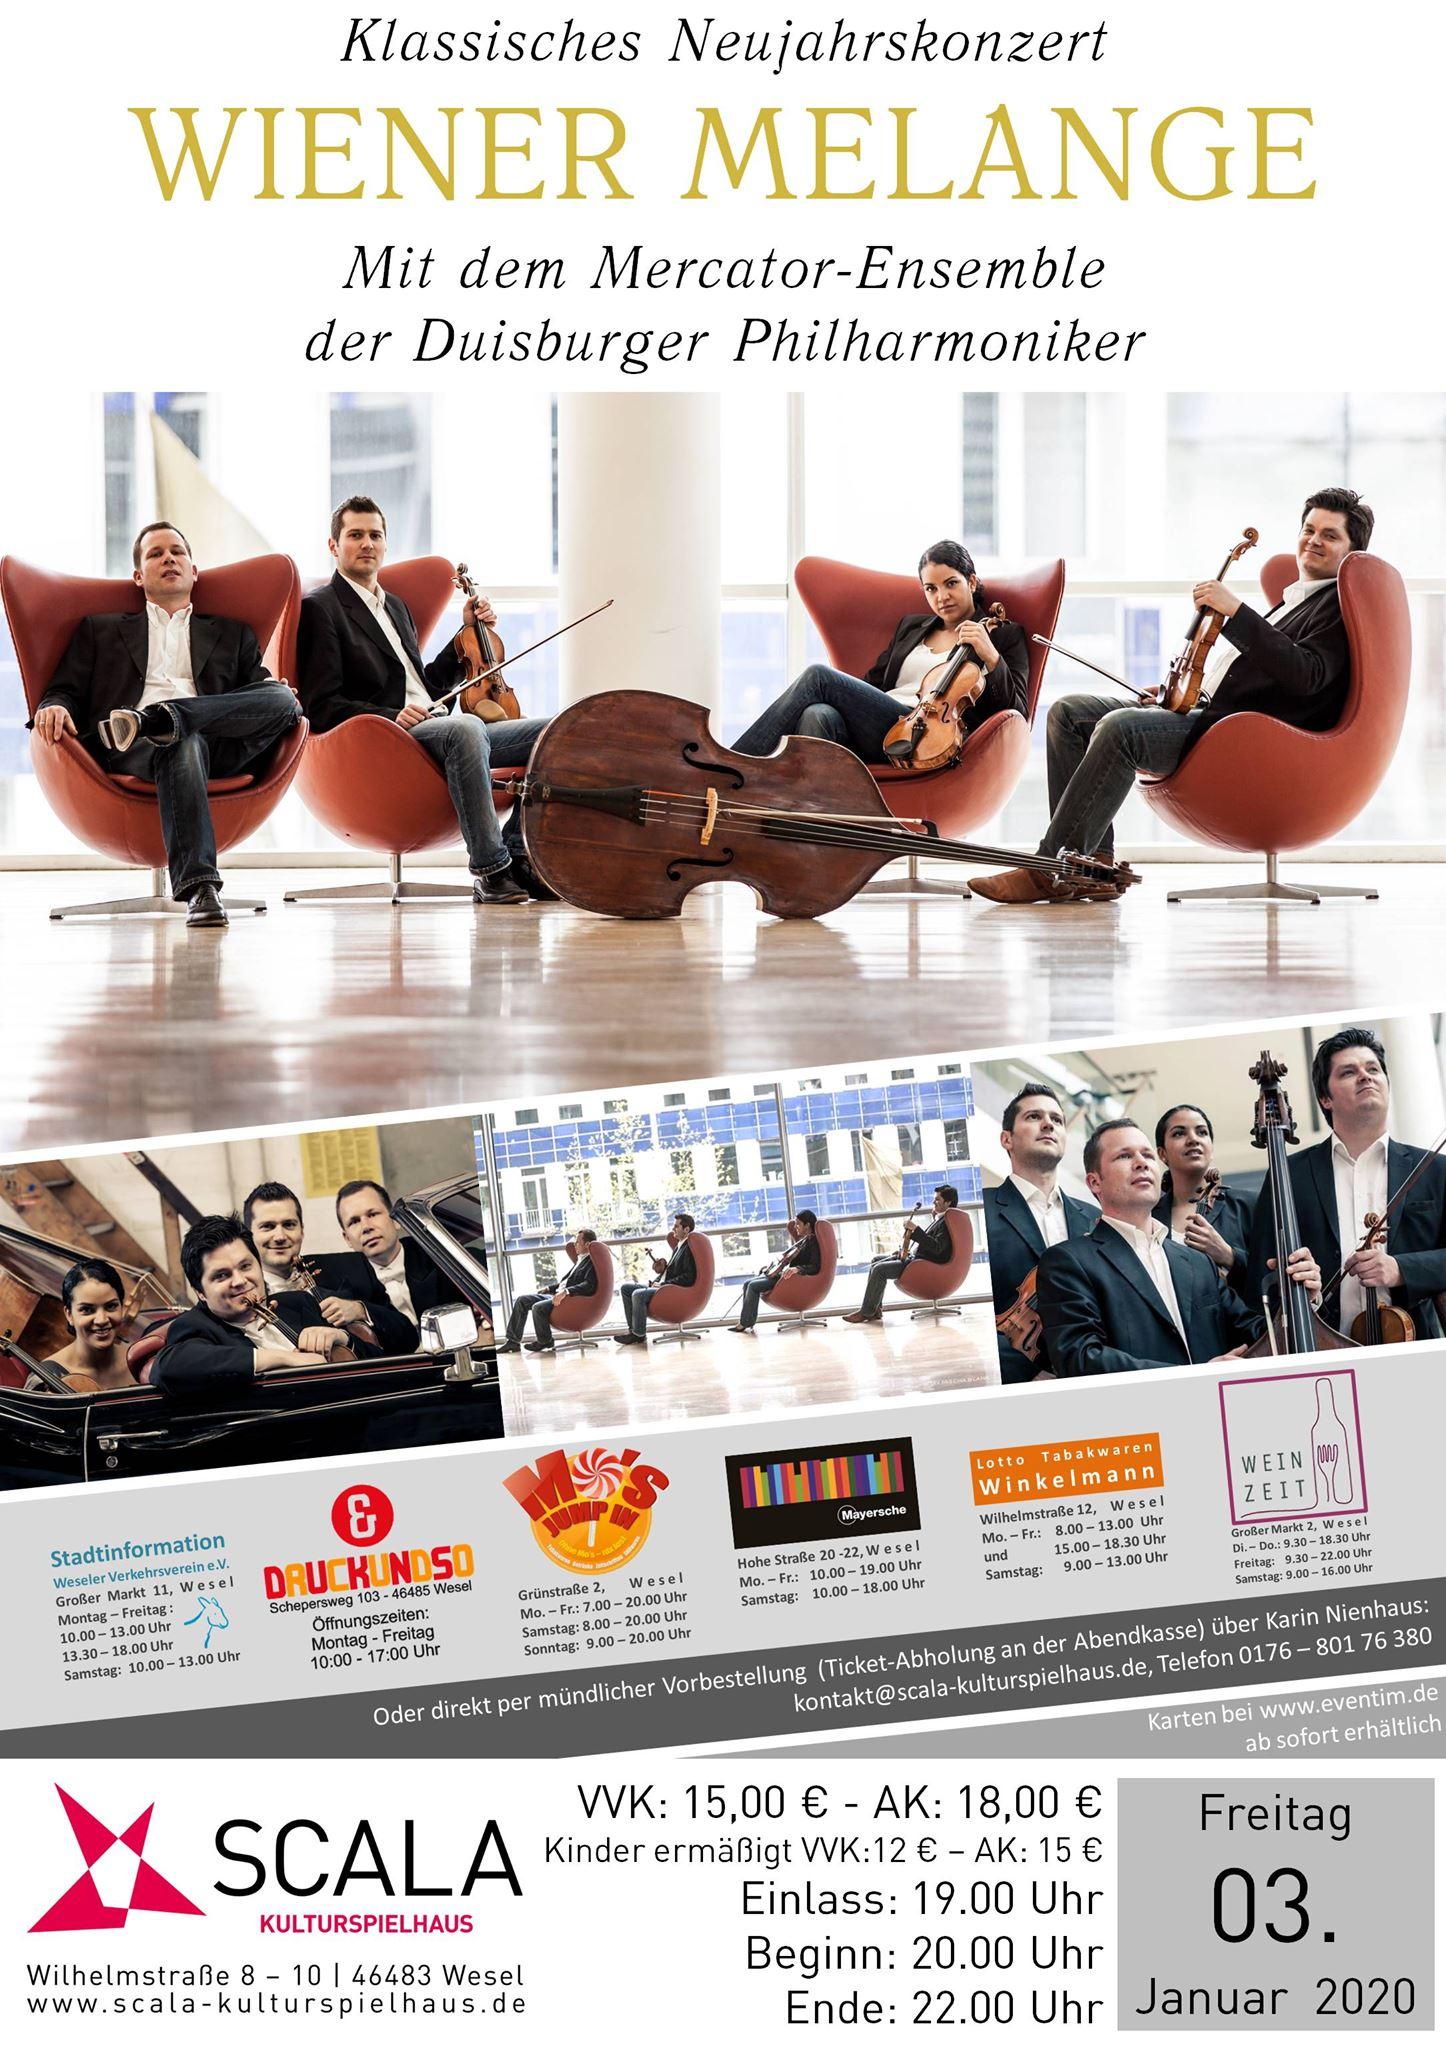 Wesel Neujahrskonzert Streichquartett Mercator-Ensemble Wiener Melange Wien Walzer